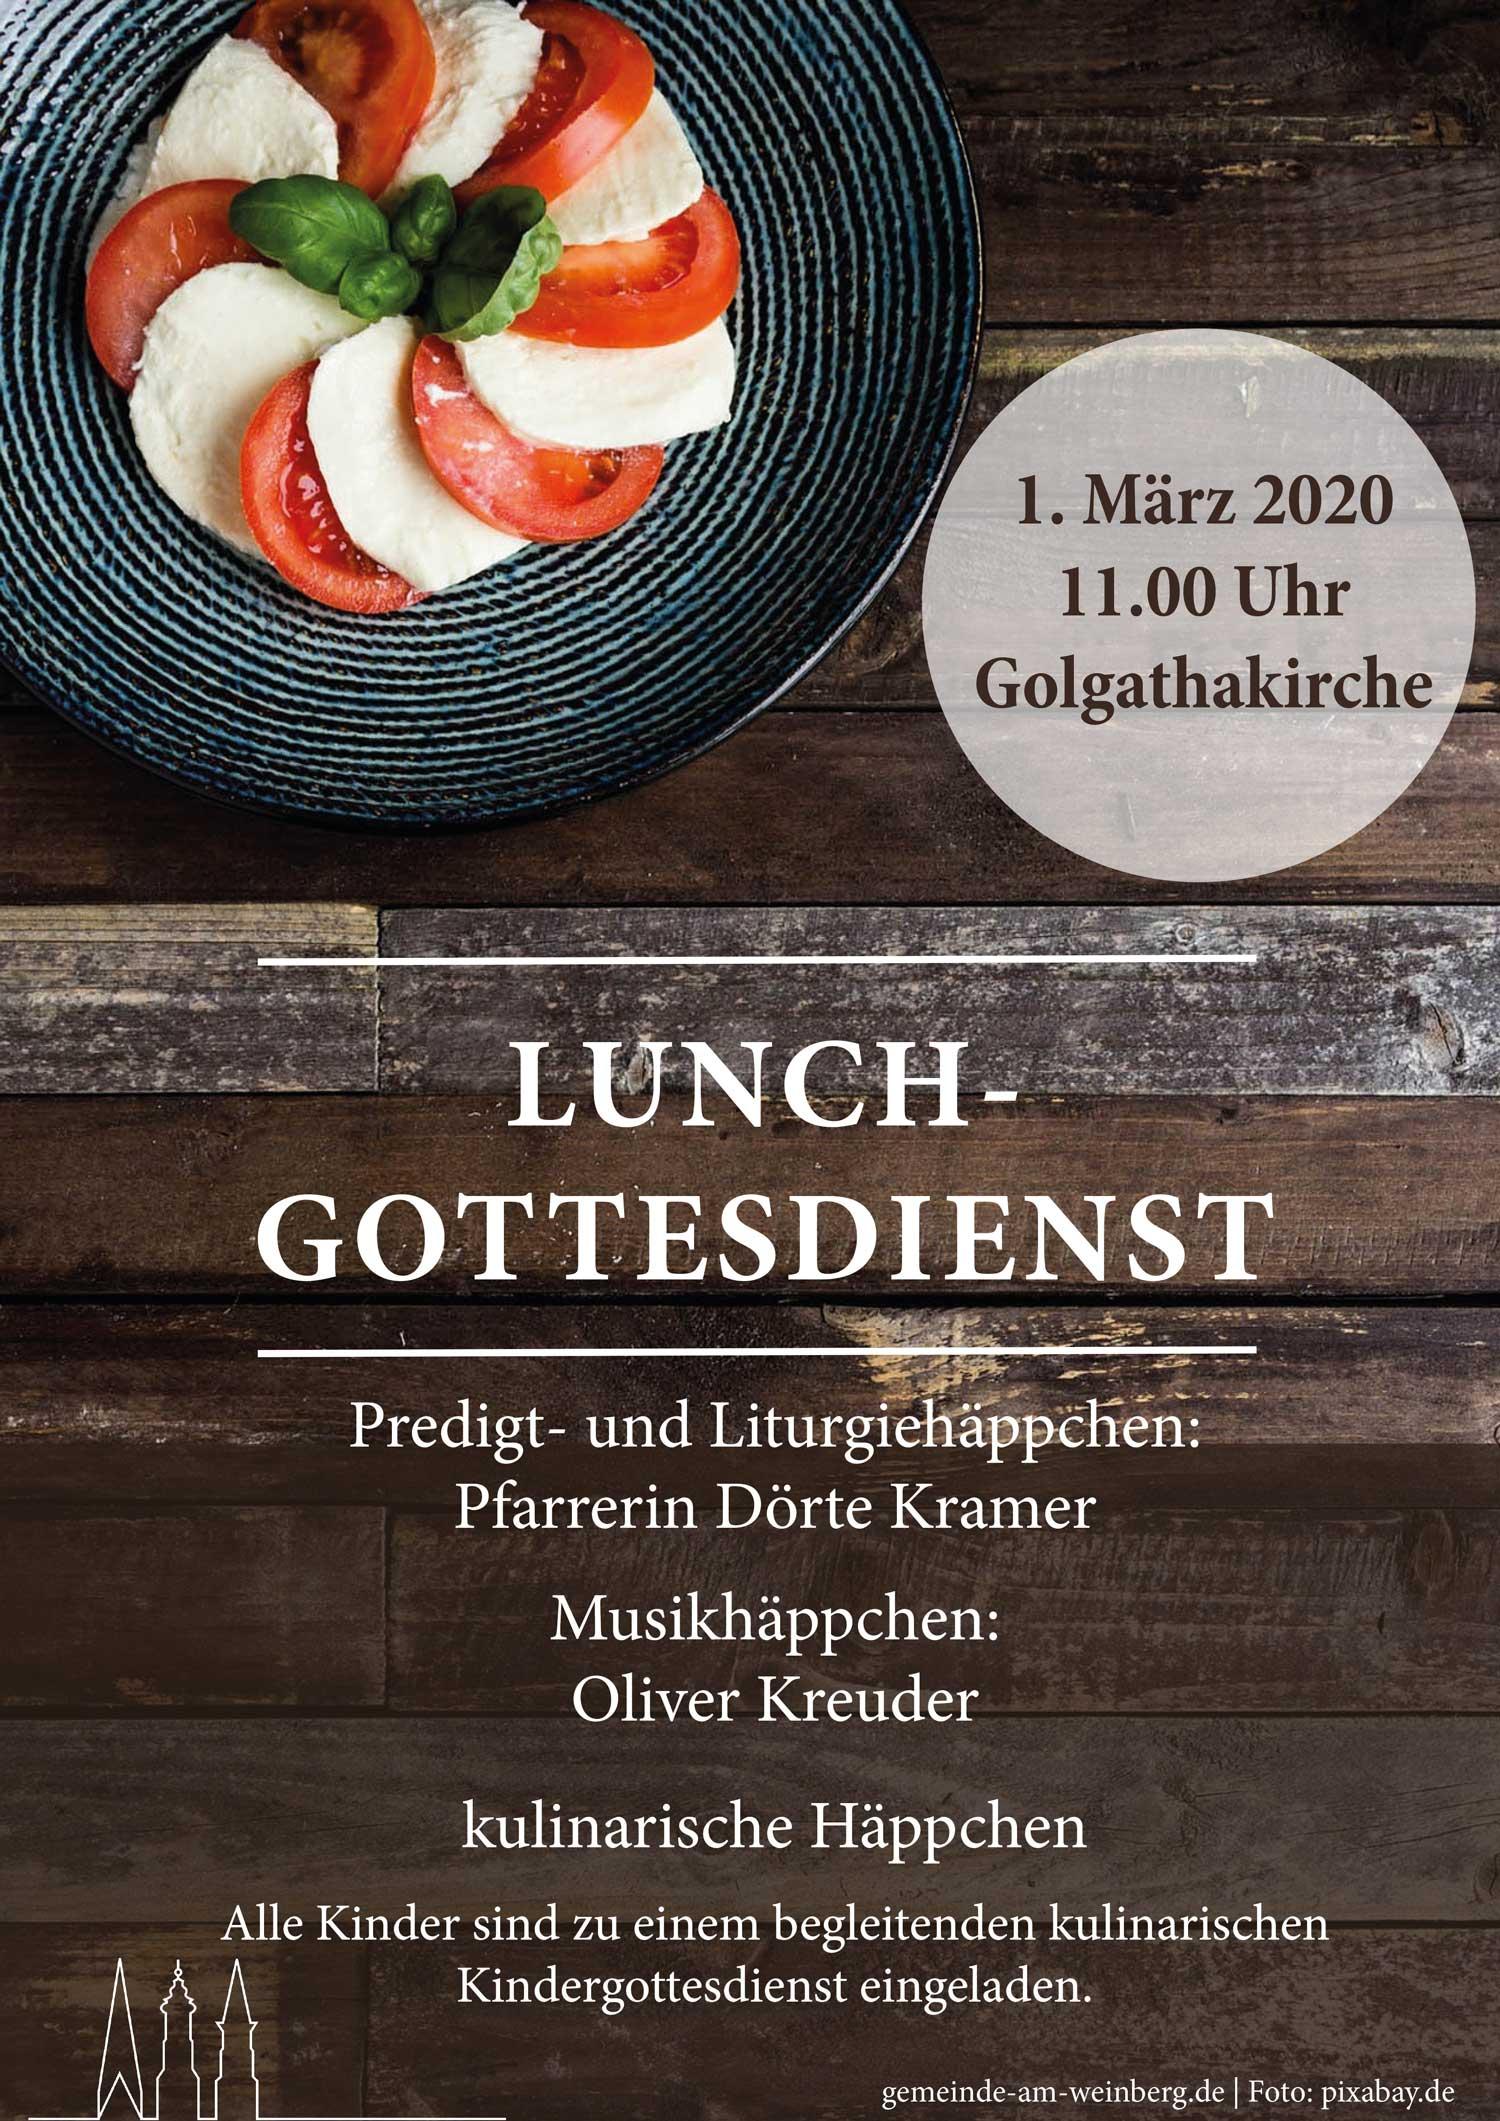 Lunchgottesdienst